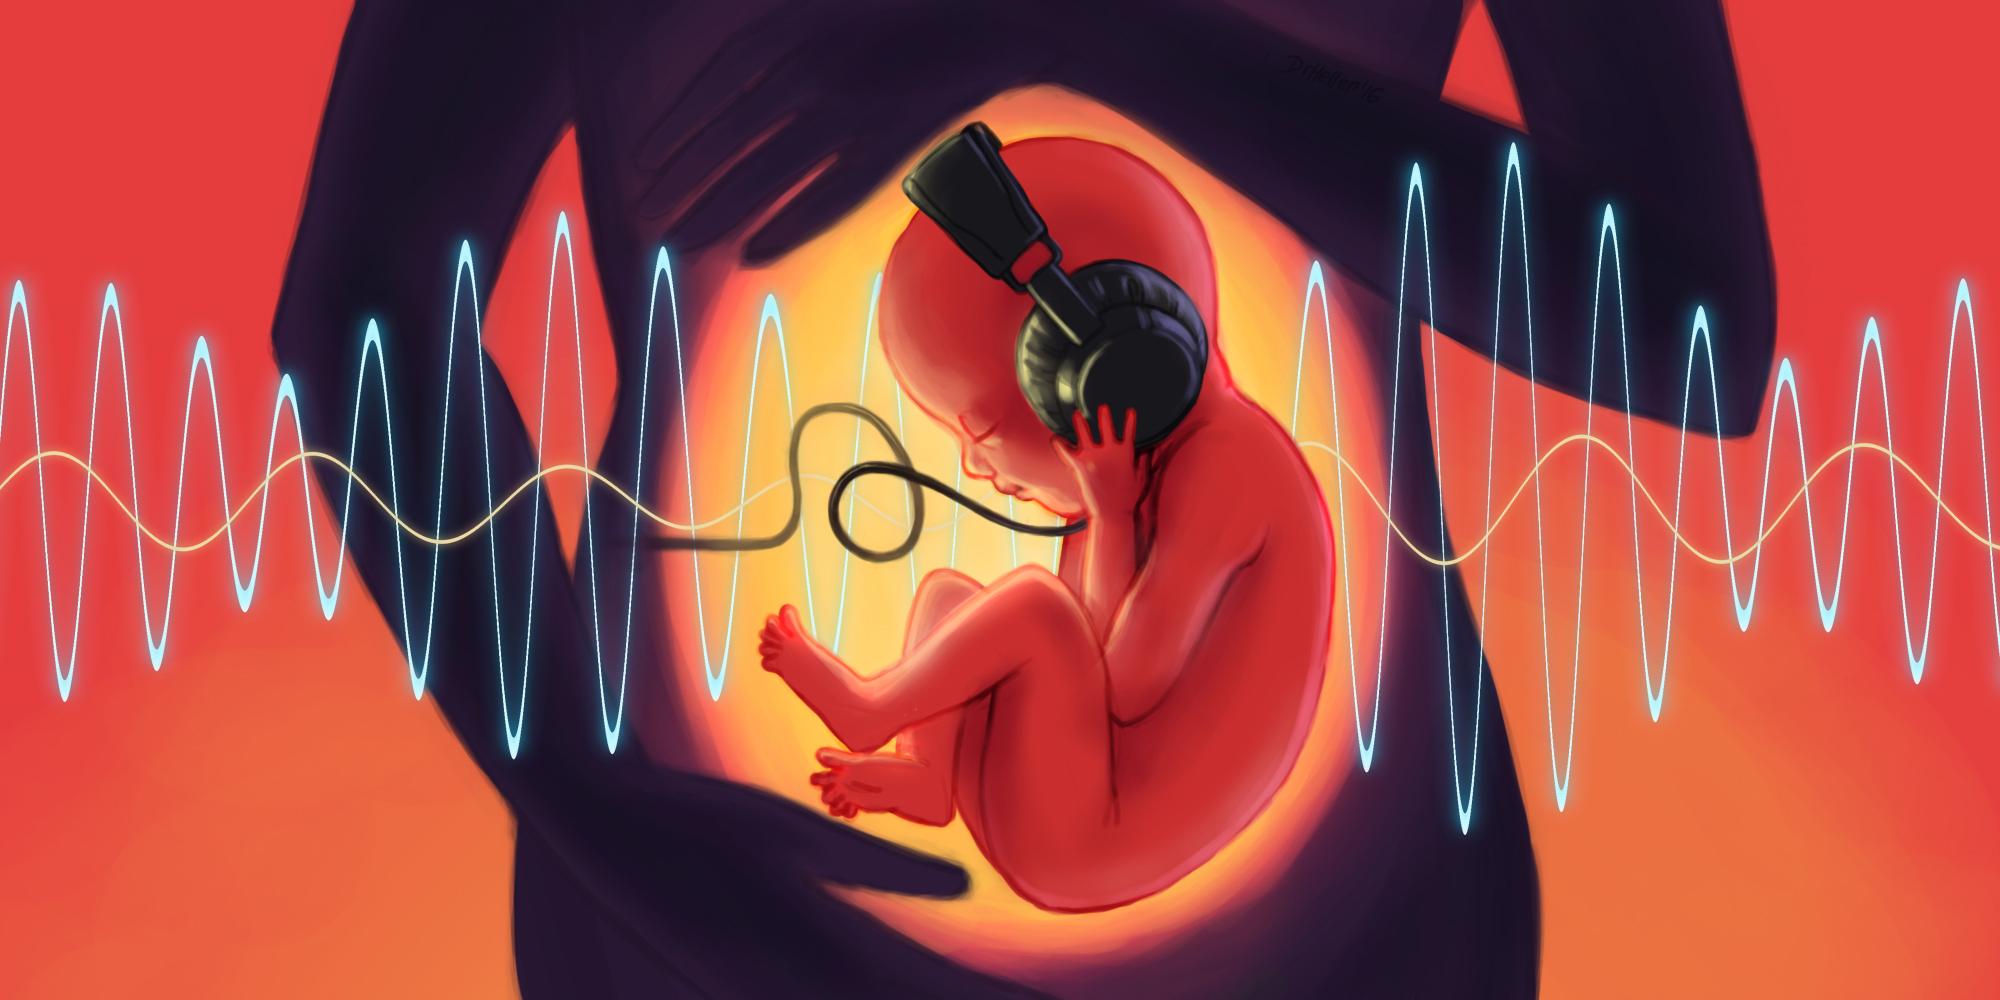 Illustration by Elena Garcia